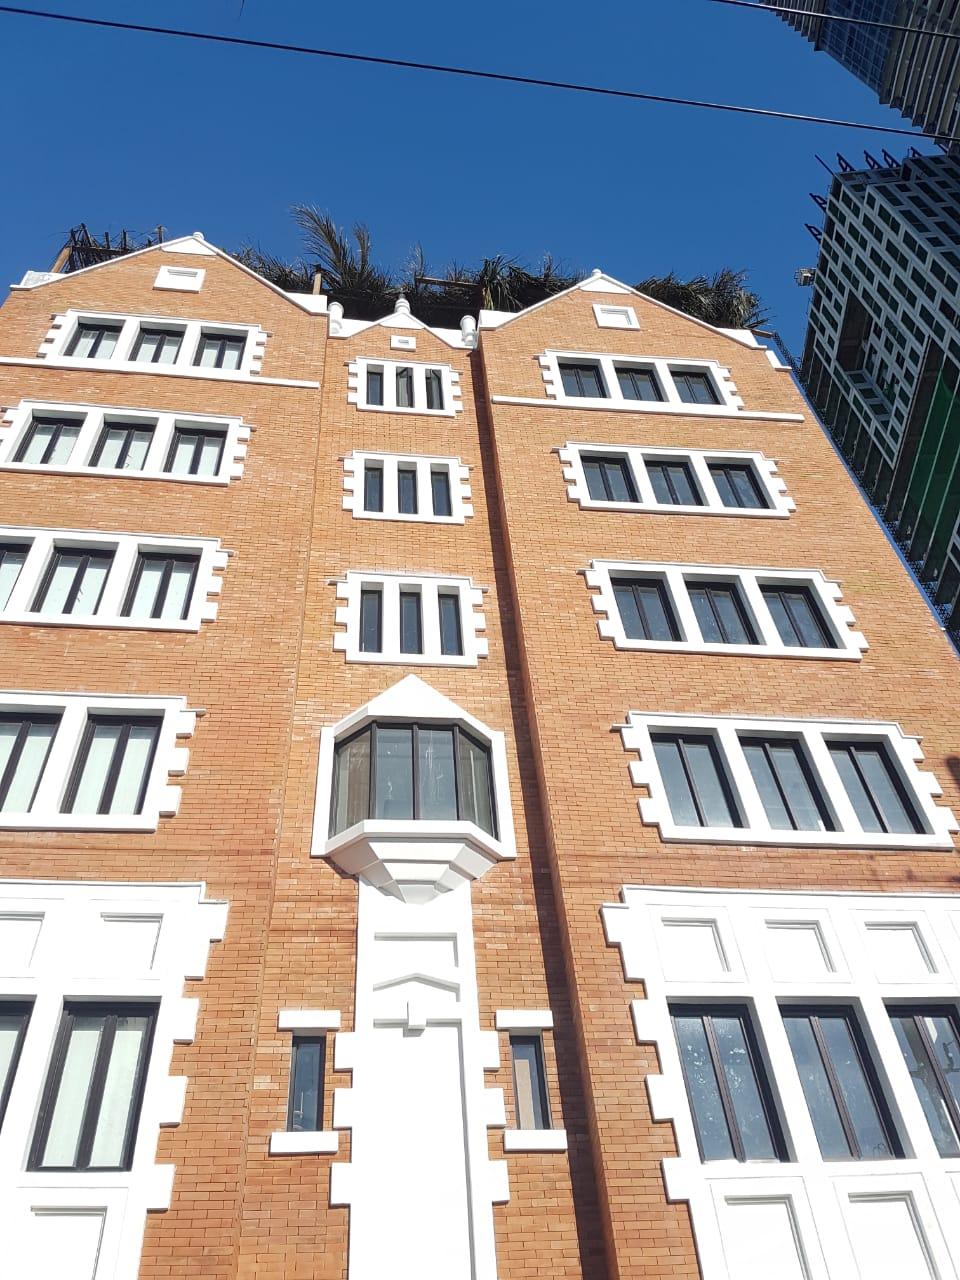 מעל גג הבניין - סכך הסוכה